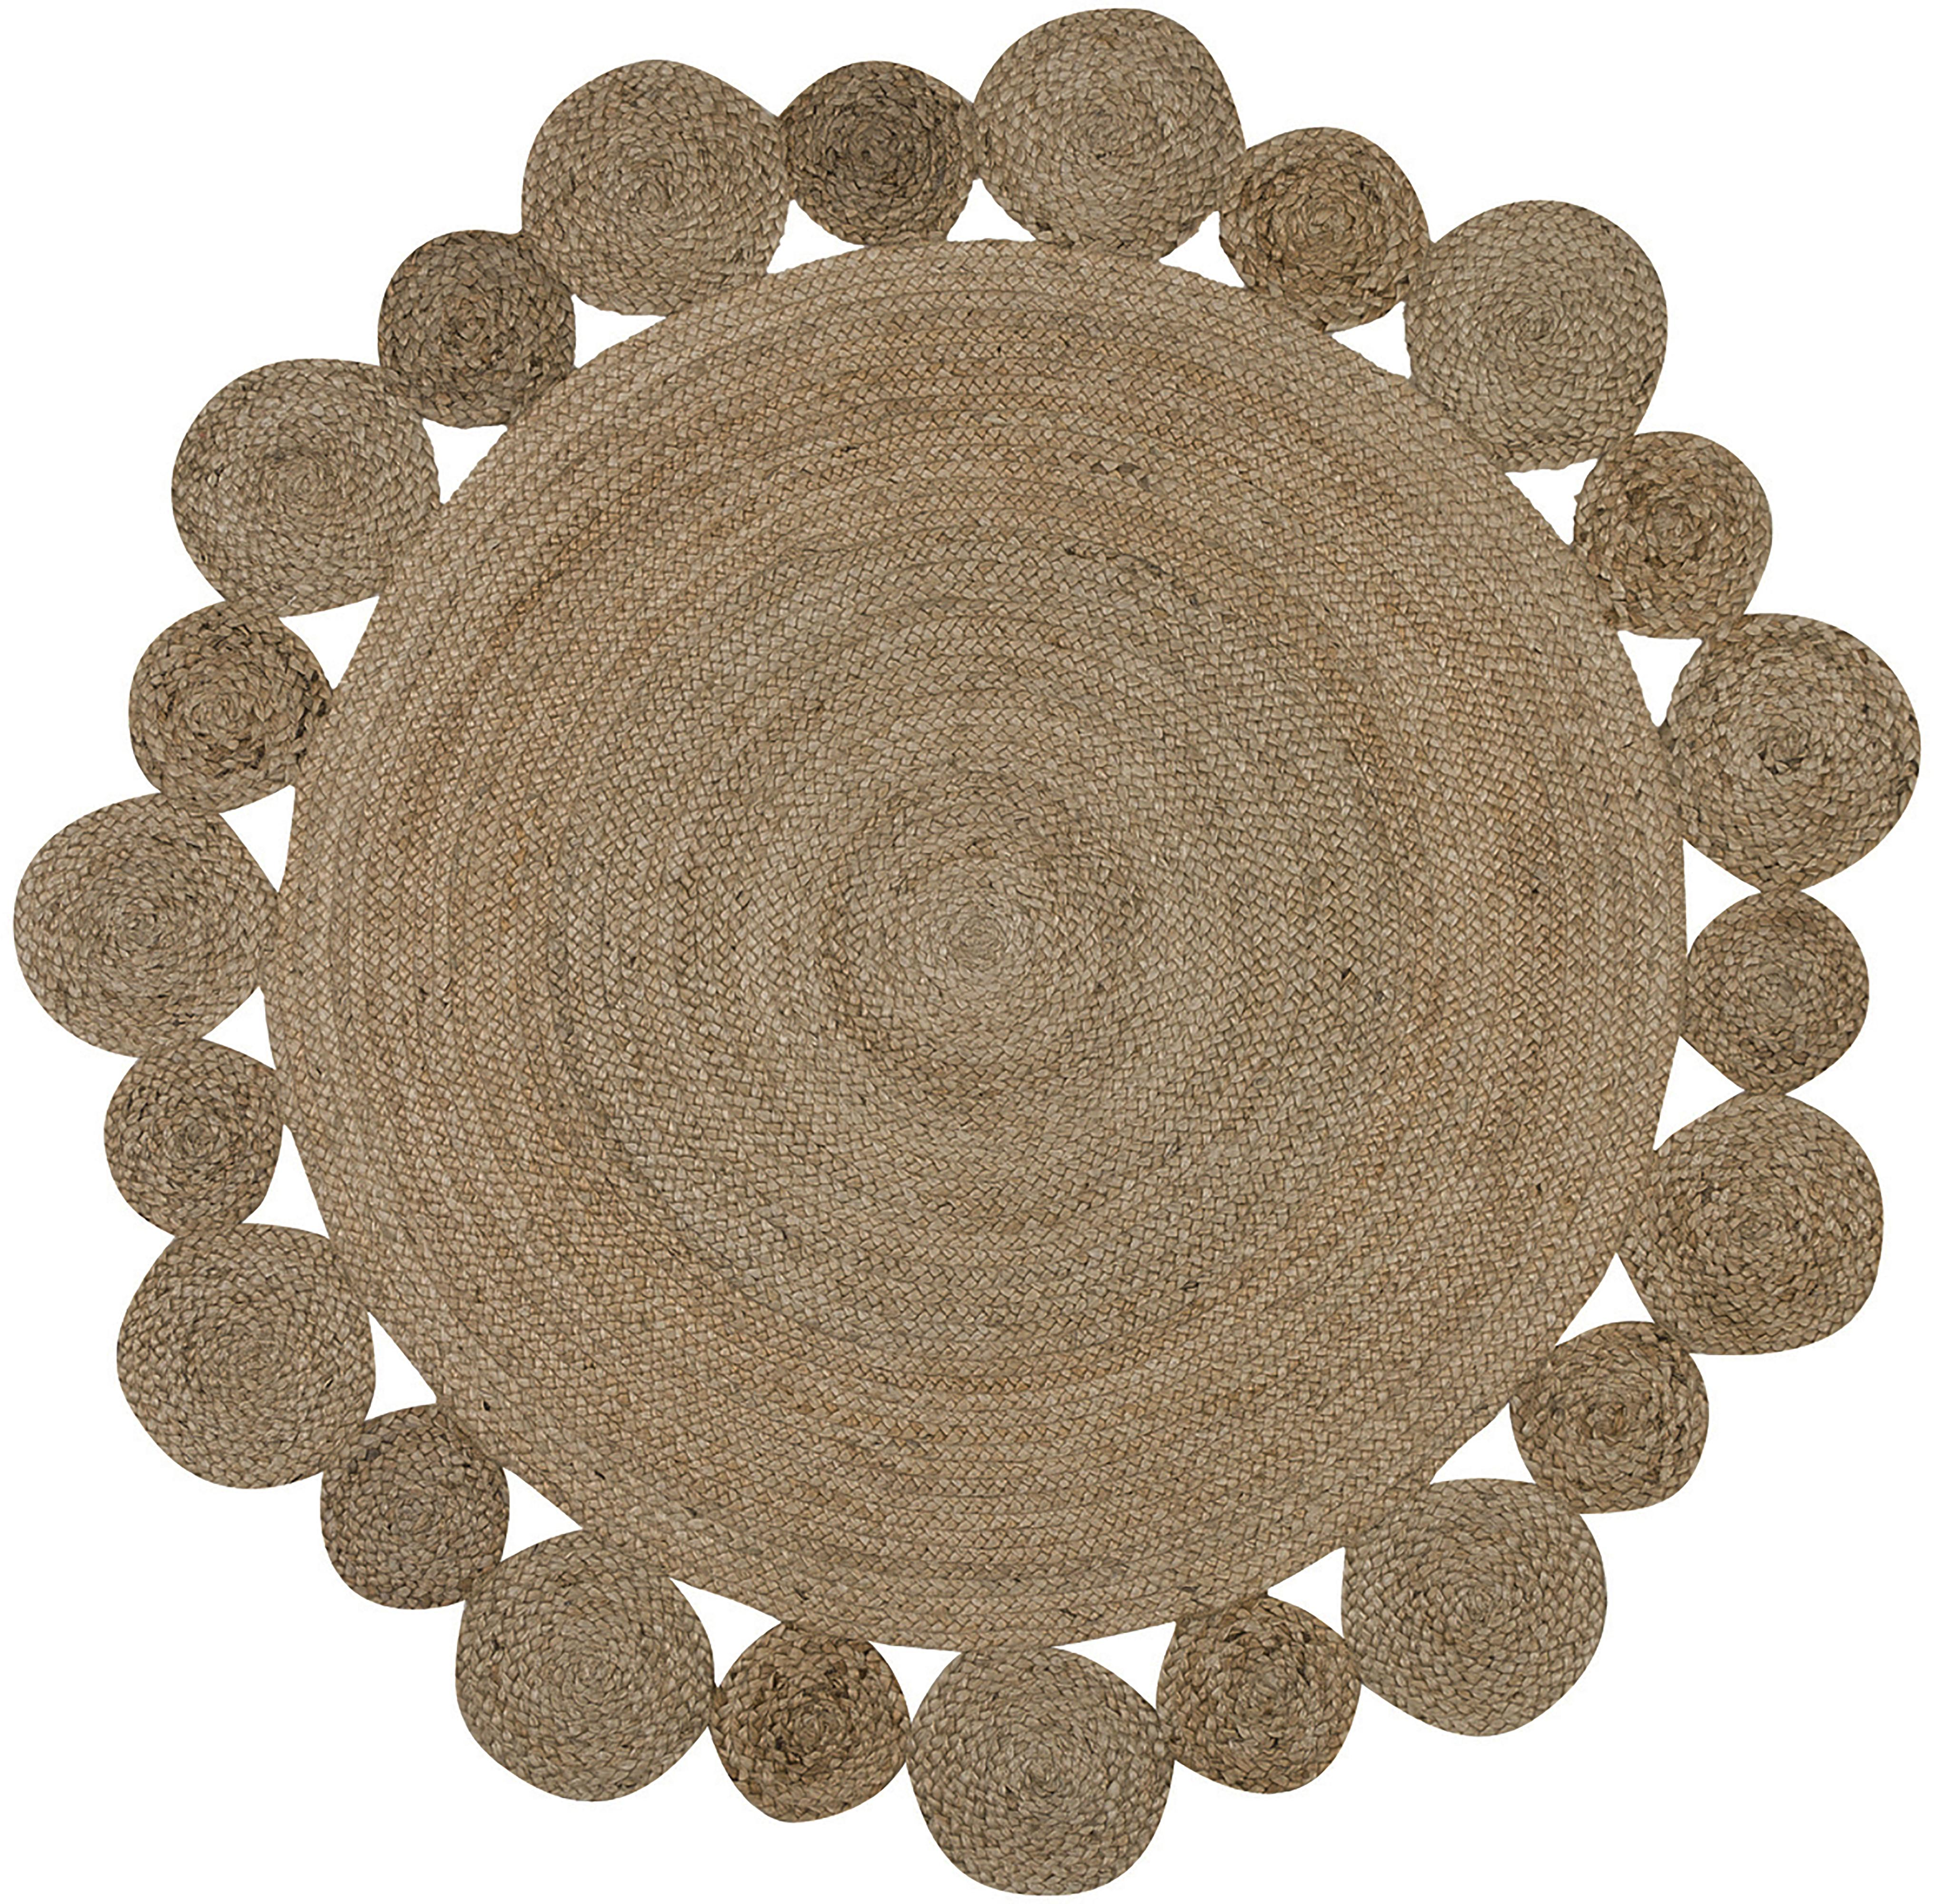 Runder Jute-Teppich Niago im Boho Style, handgefertigt, Beige, Ø 150 cm (Größe M)